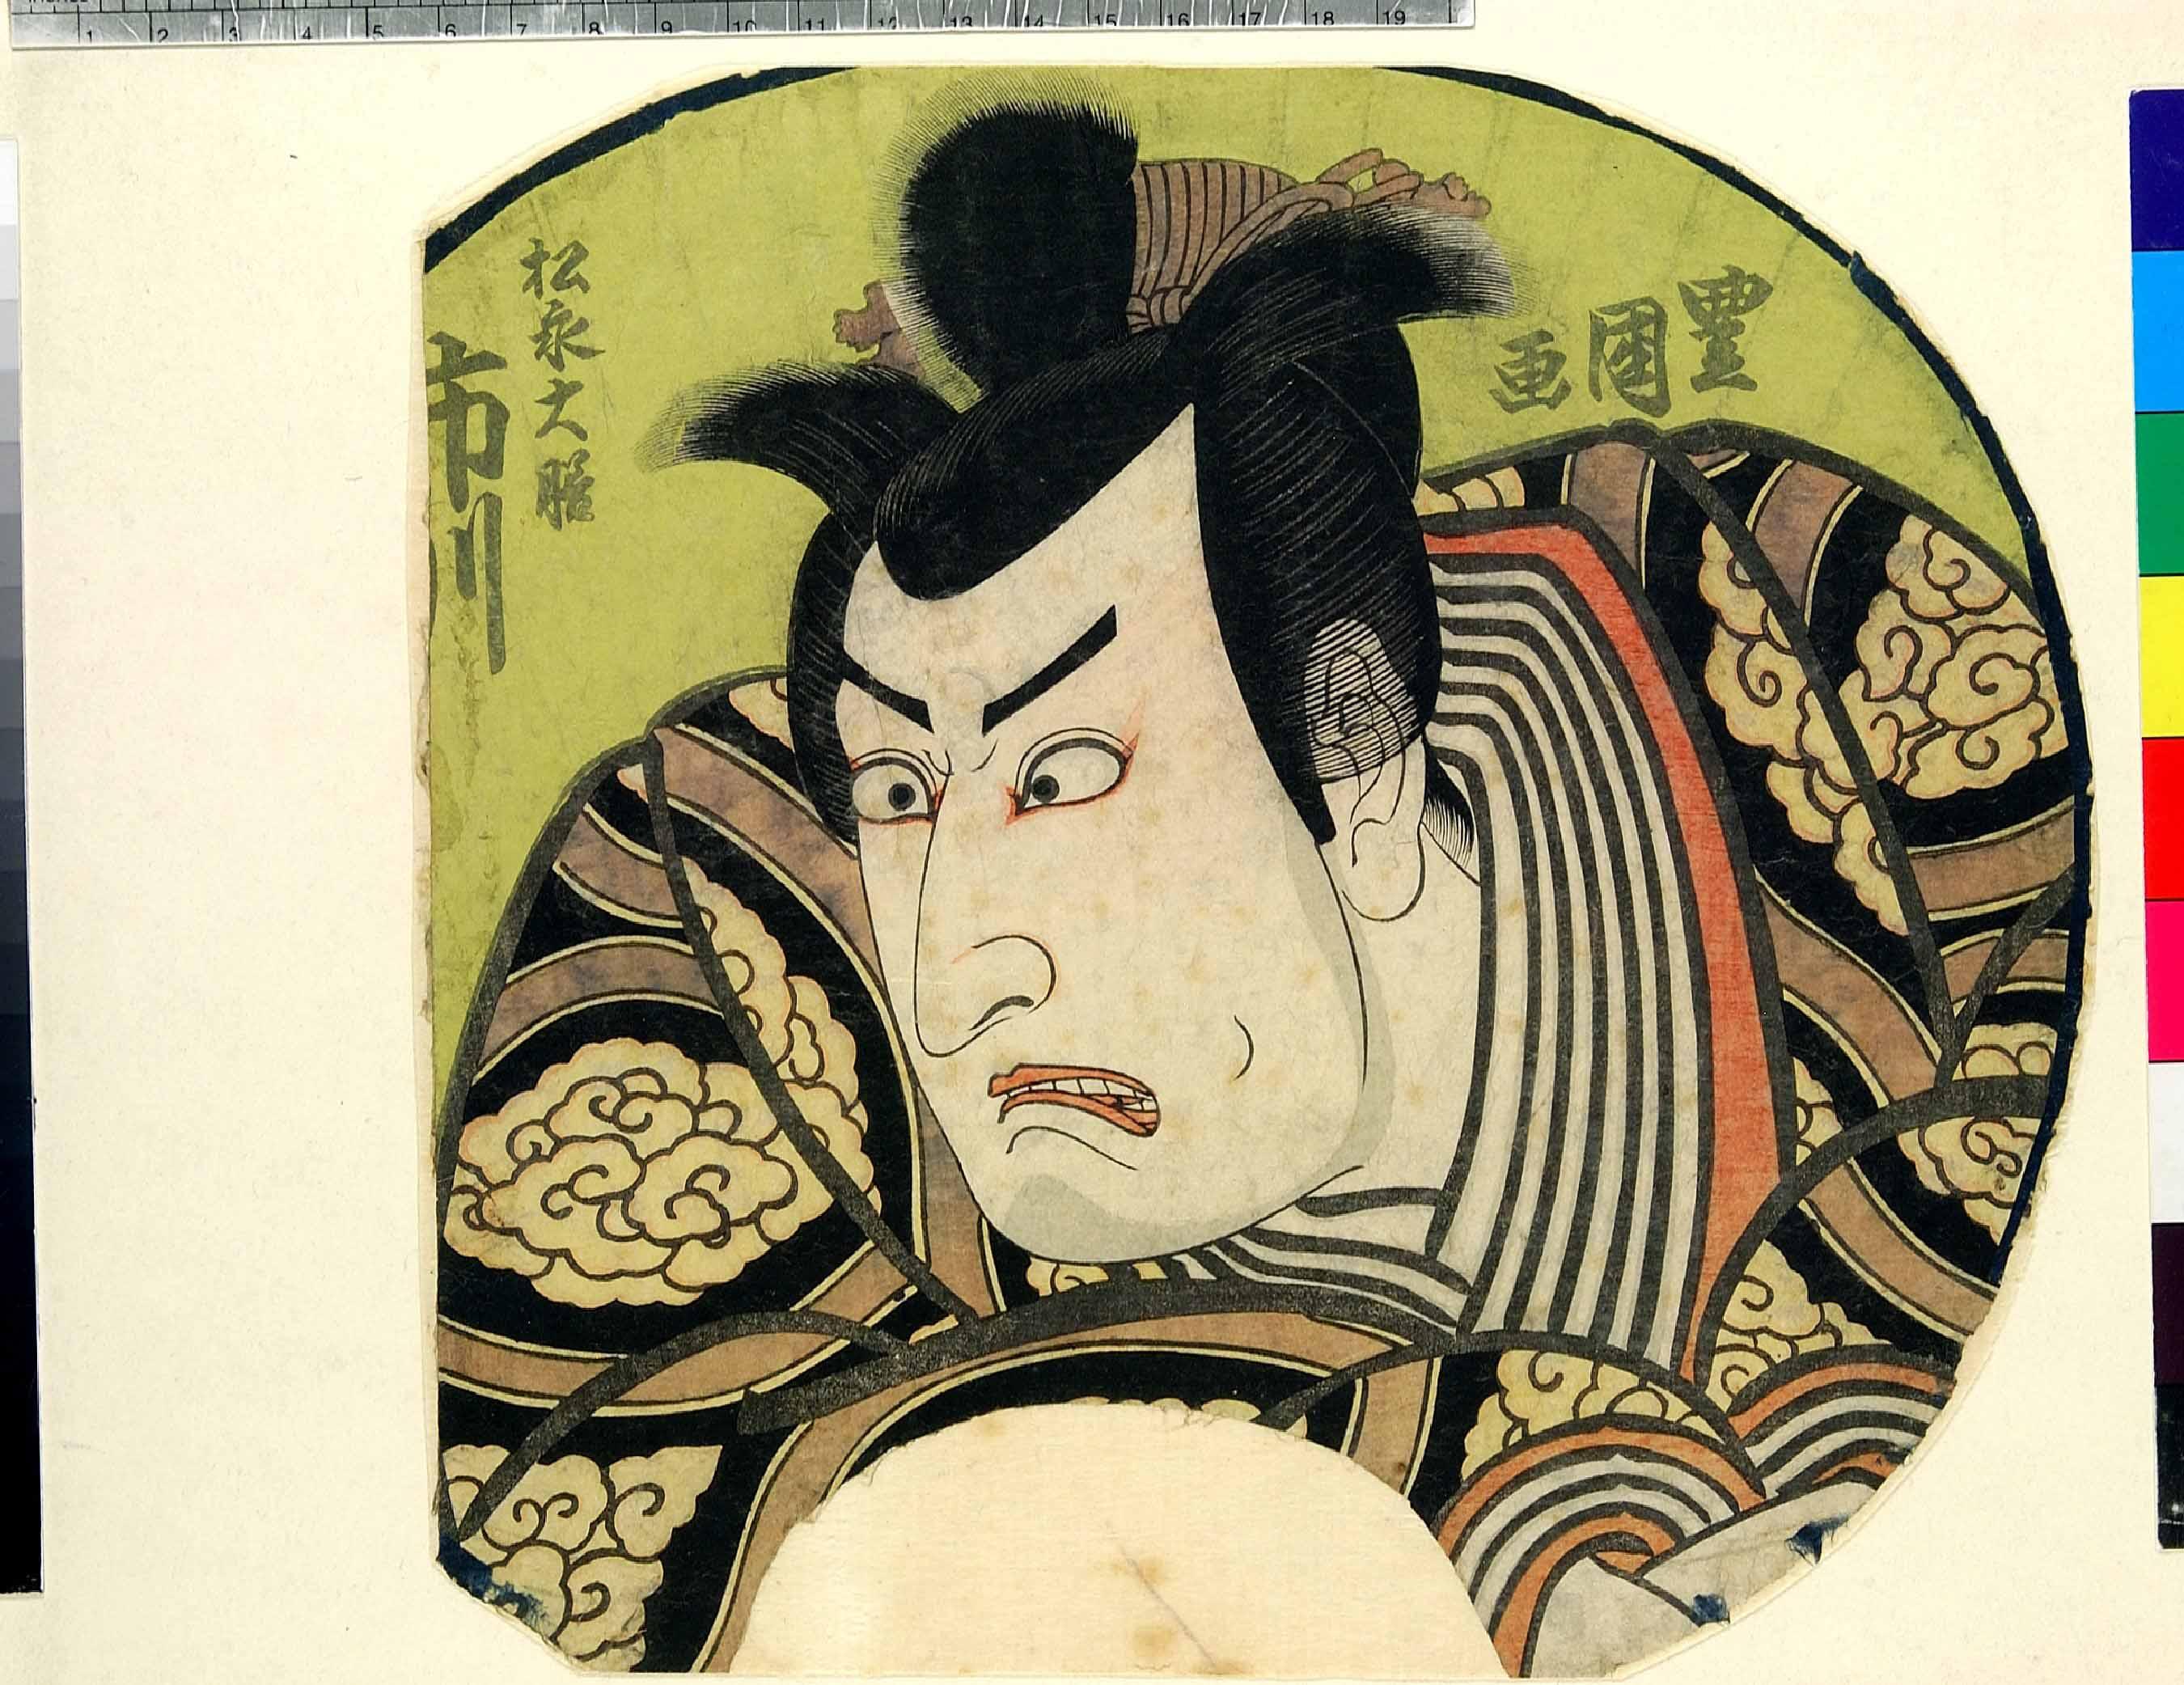 Ebi コレクション浮世絵目録